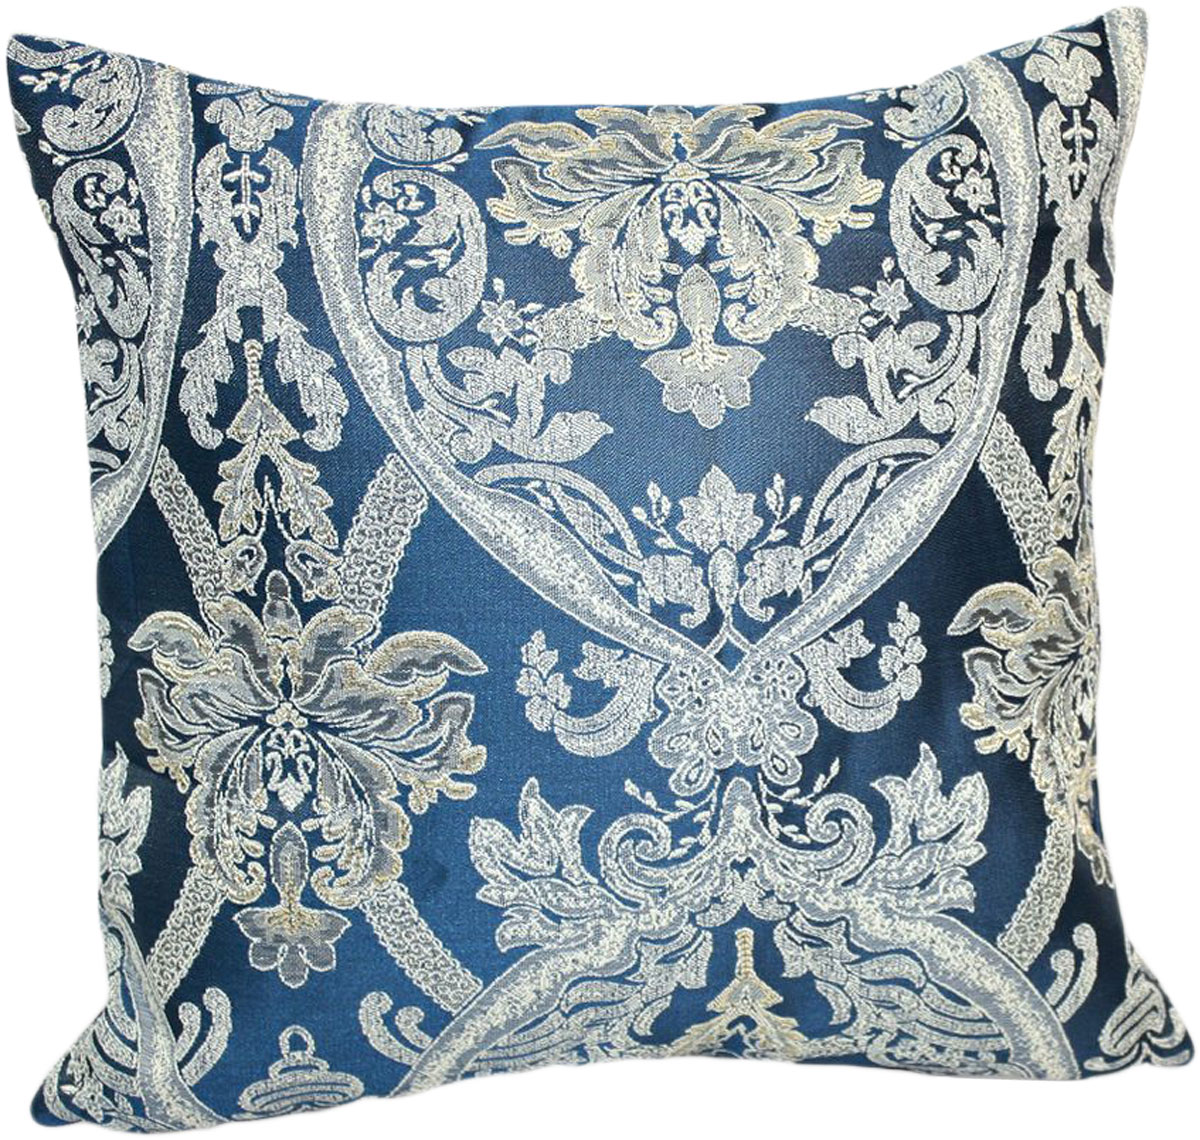 Подушка декоративная KauffOrt Мауритани, цвет: синий, 40 x 40 см3121041640Декоративная подушка KauffOrt Мауритани прекрасно дополнит интерьер спальни или гостиной. Мягкий на ощупь чехол подушки выполнен из 100% полиэстера. Внутри находится мягкий наполнитель, выполненный из холлофайбера. Чехол легко снимается благодаря молнии. Красивая подушка создаст атмосферу уюта и комфорта в спальне и станет прекрасным элементом декора.